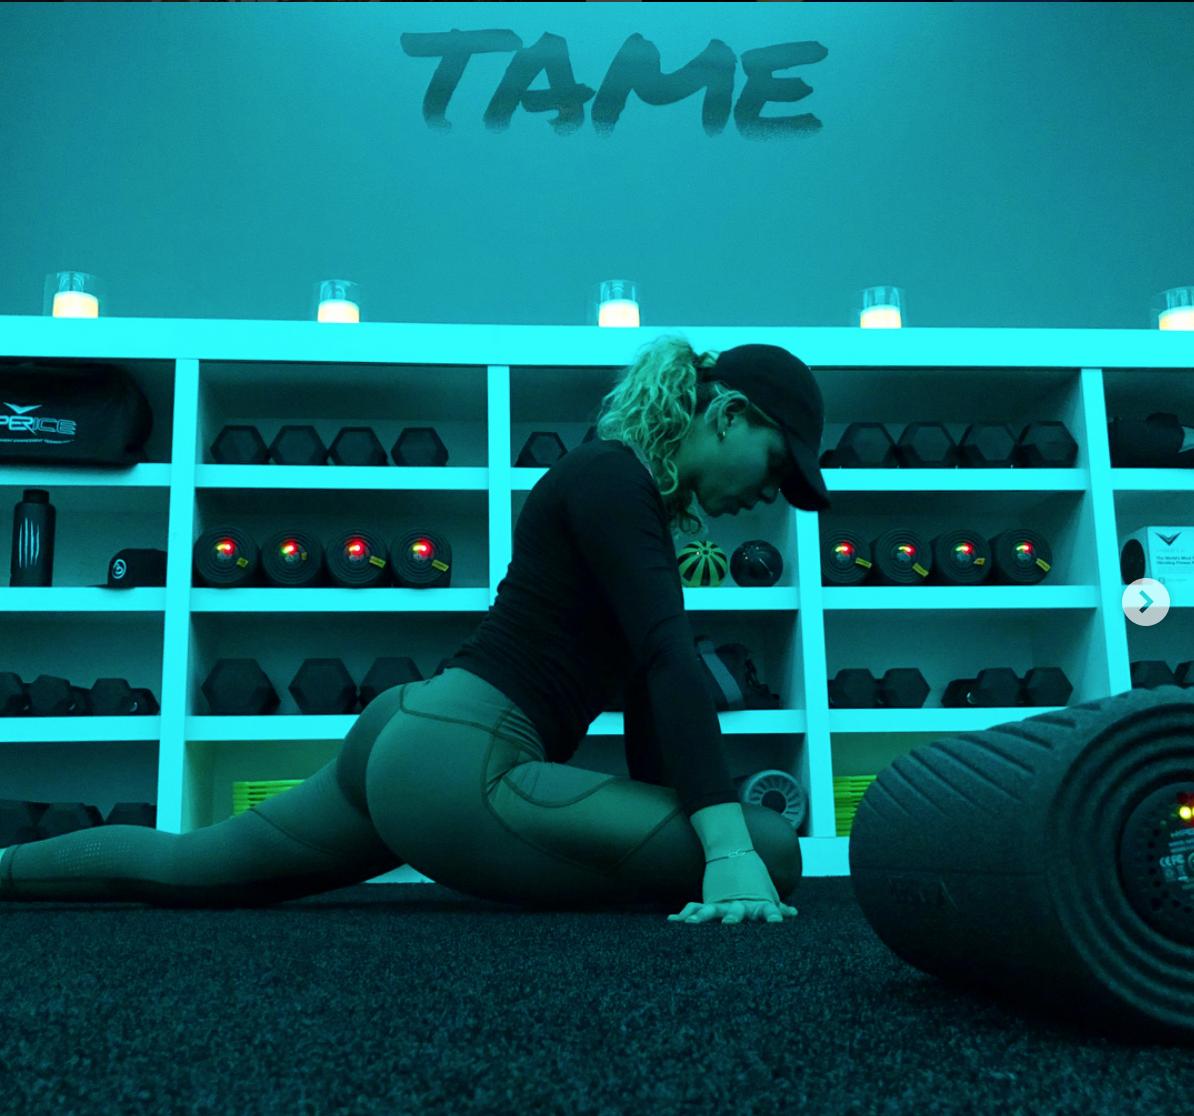 tame-2.png